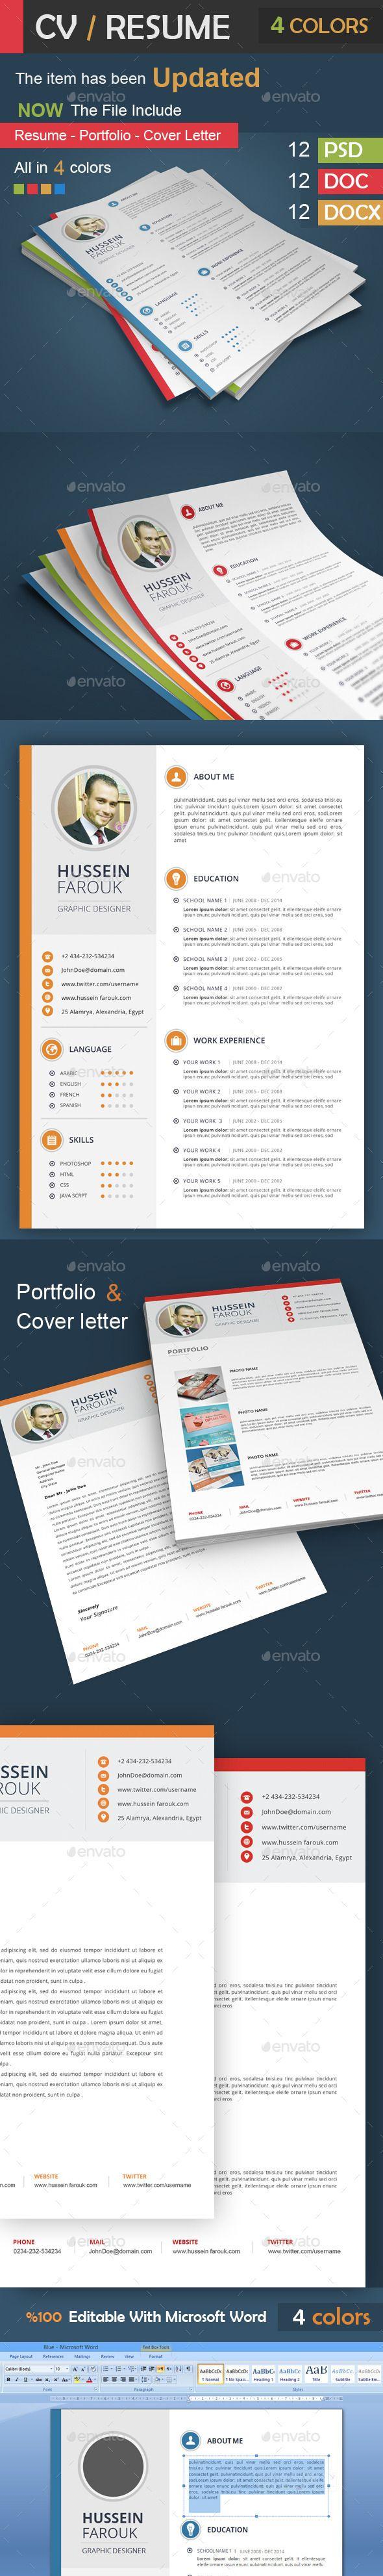 CV Resume Portfolio Cover